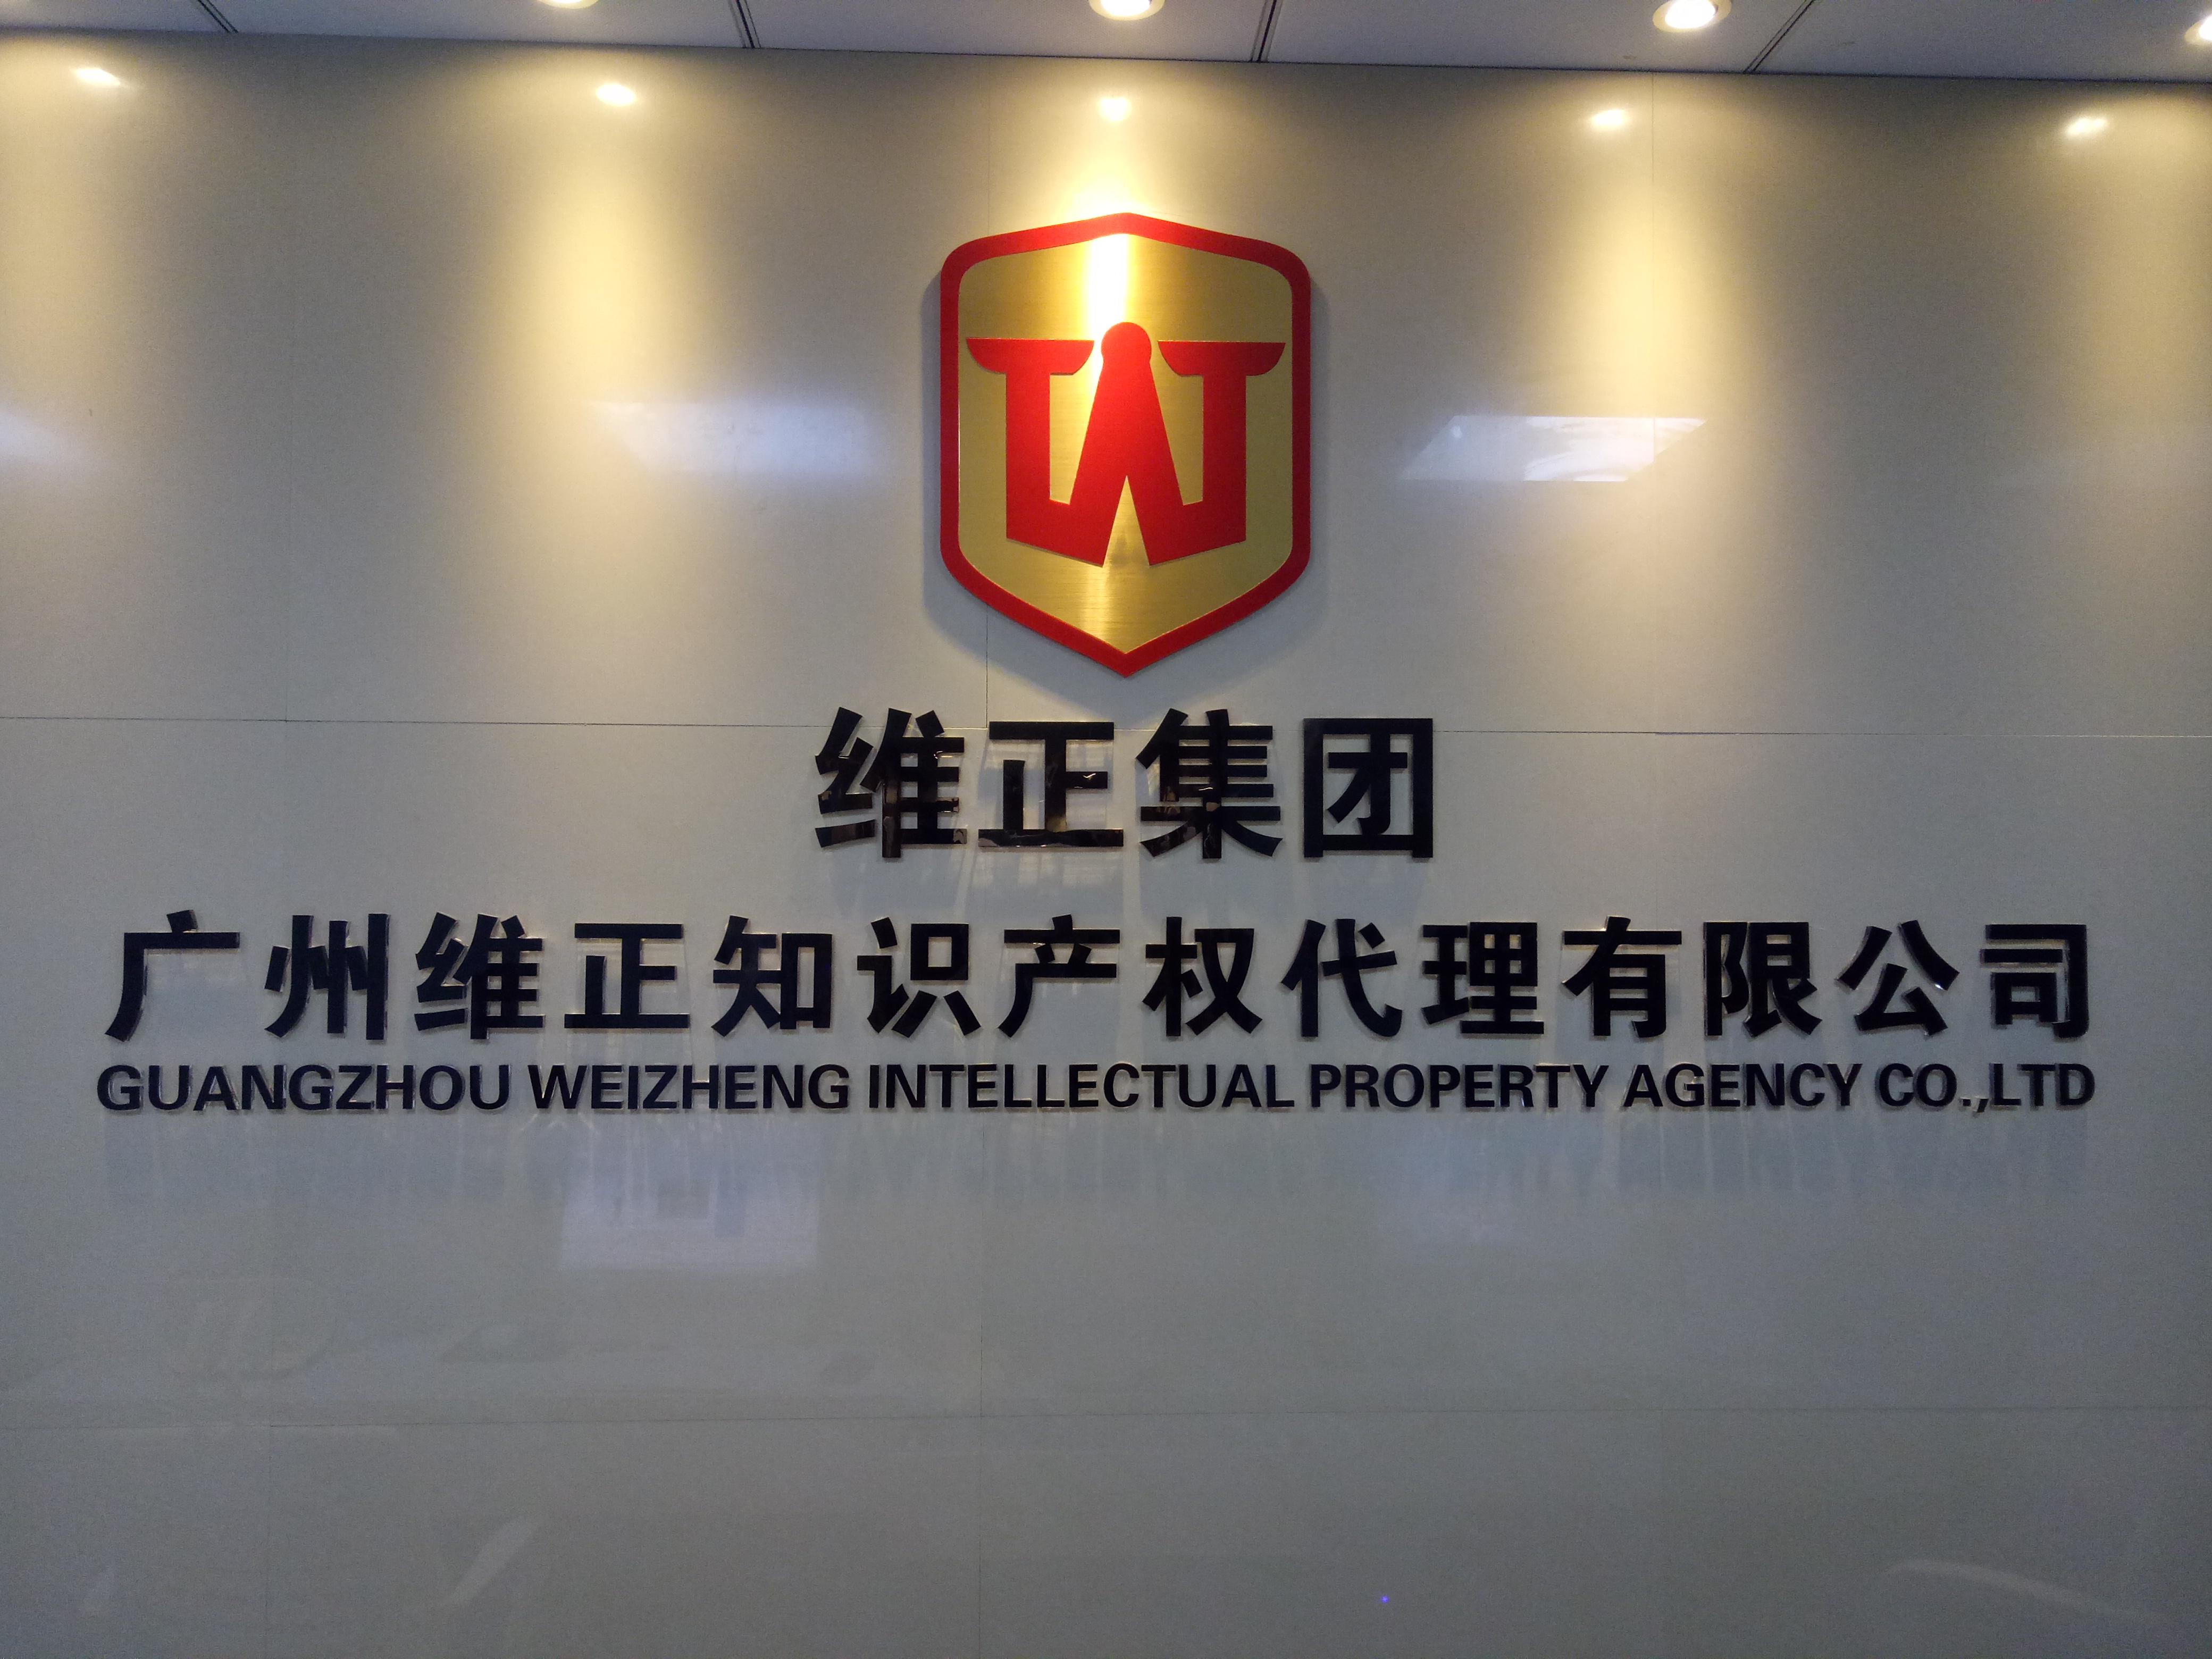 广州维正知识产权代理有限公司宣讲会